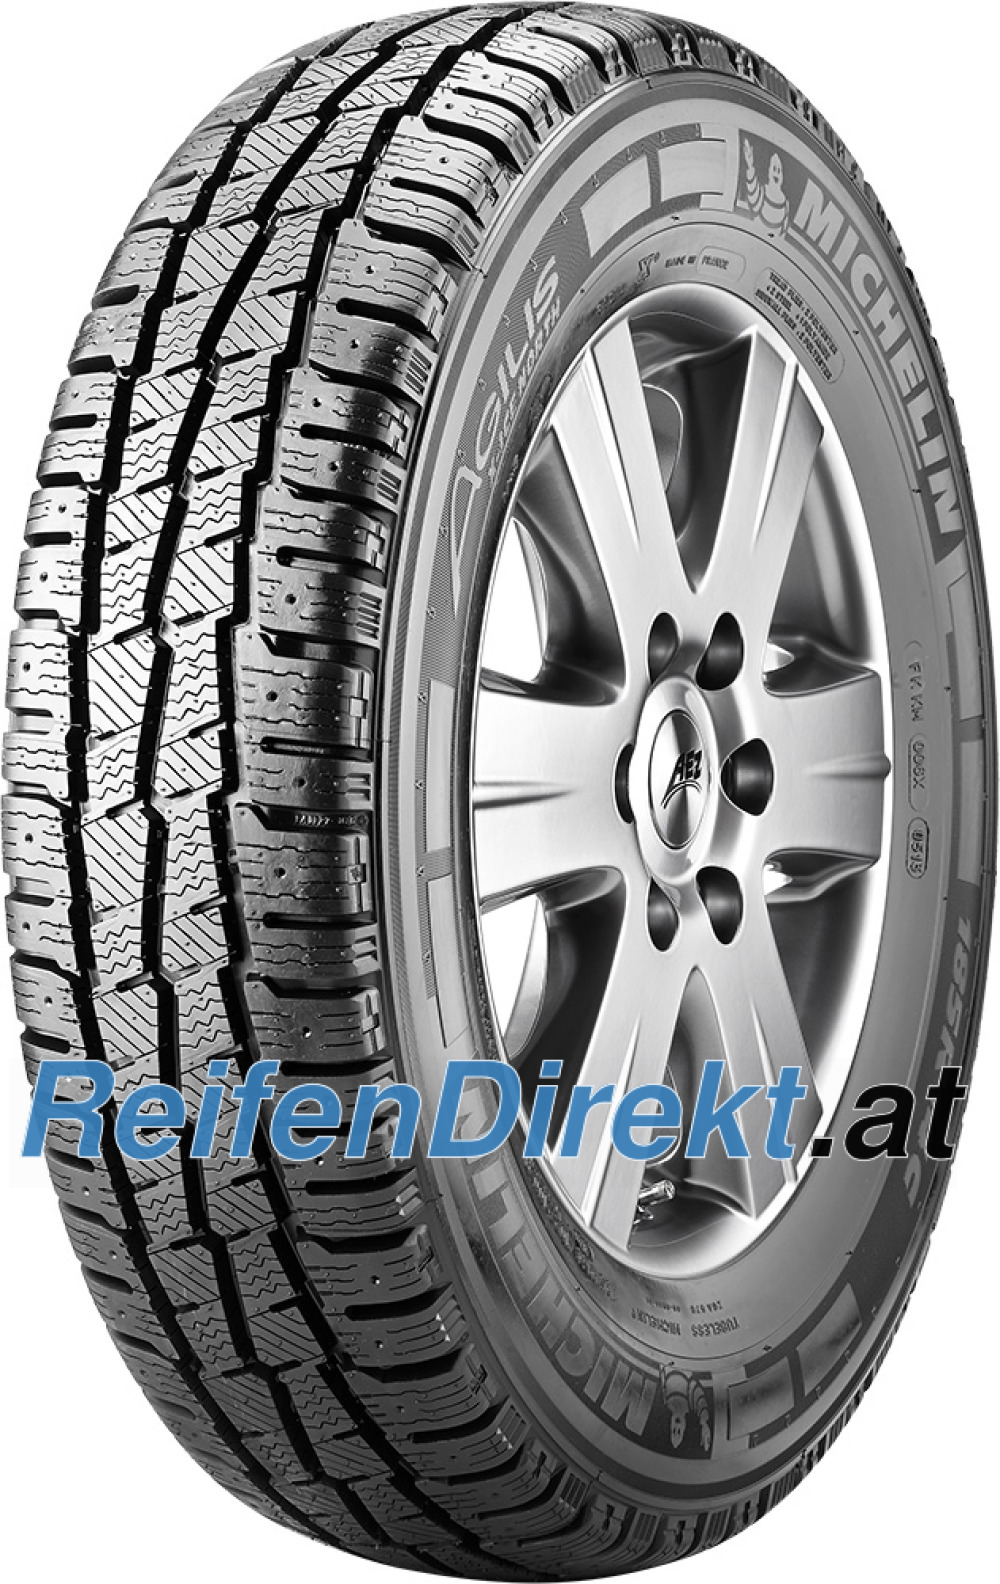 Vintage Michelin Reifen Anzeigen